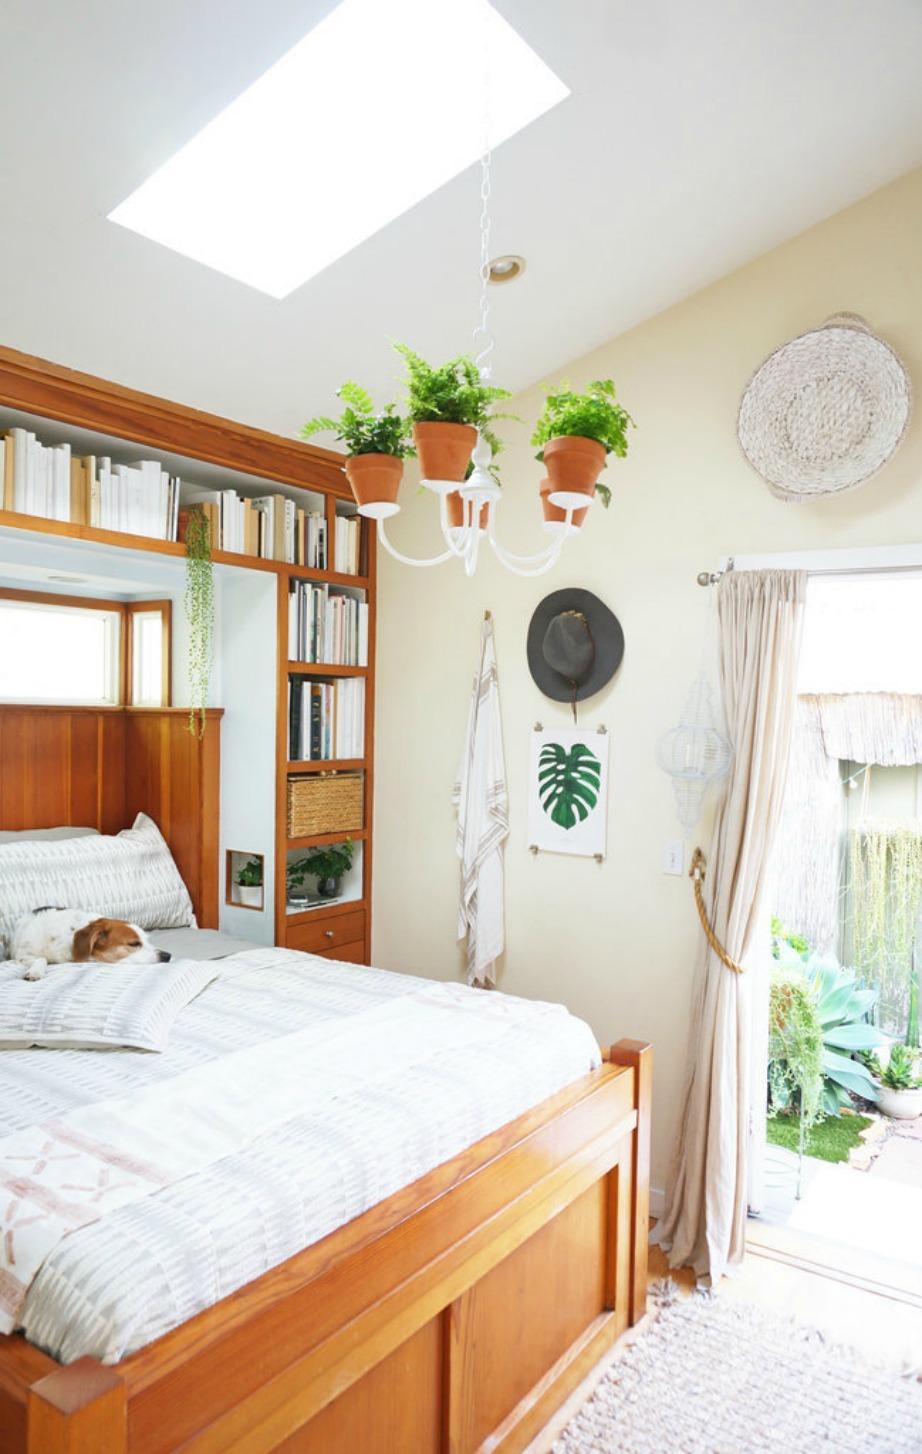 Το υπνοδωμάτιο έχει διακοσμηθεί έξυπνα ώστε να εξοικονομηθεί όσο το δυνατόν περισσότερος χώρος.